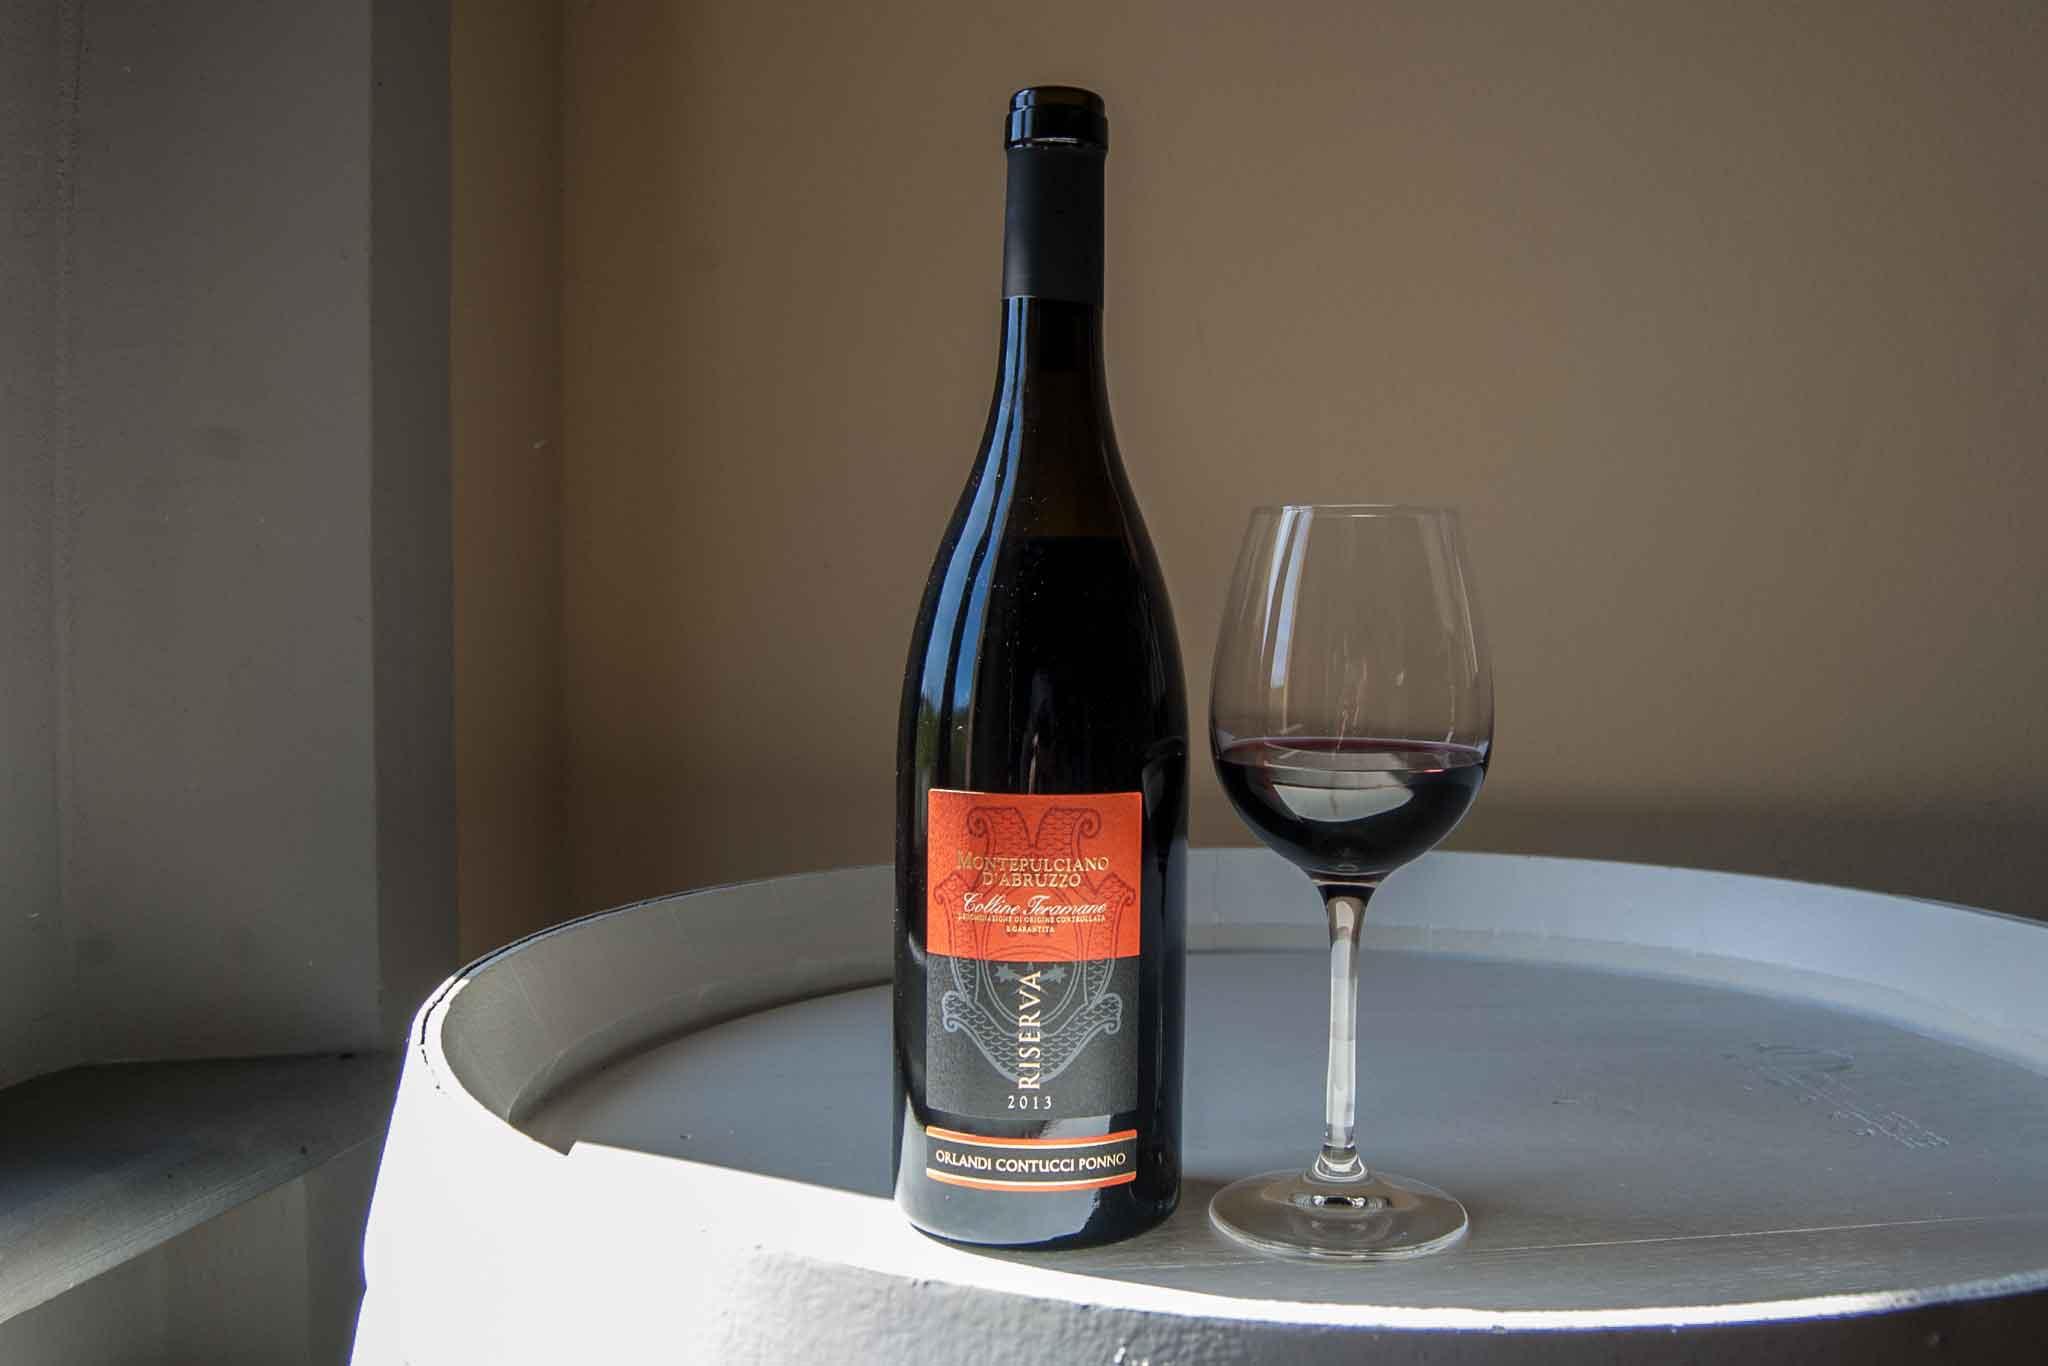 miglior vino rosso strutturato